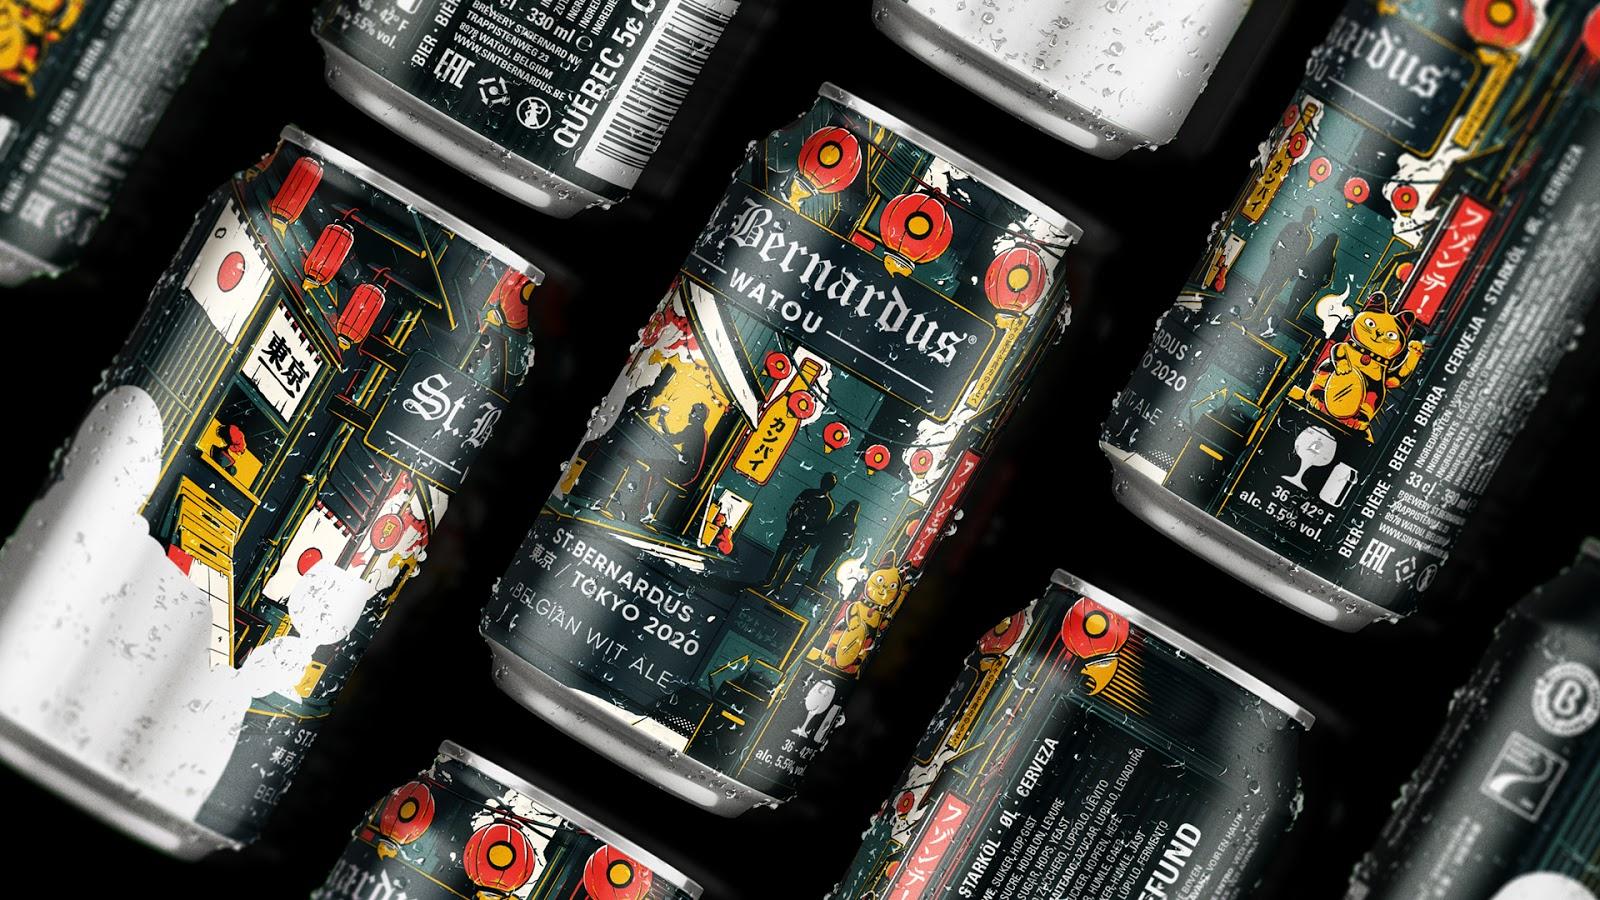 分享一组St. Bernardus啤酒包装设计